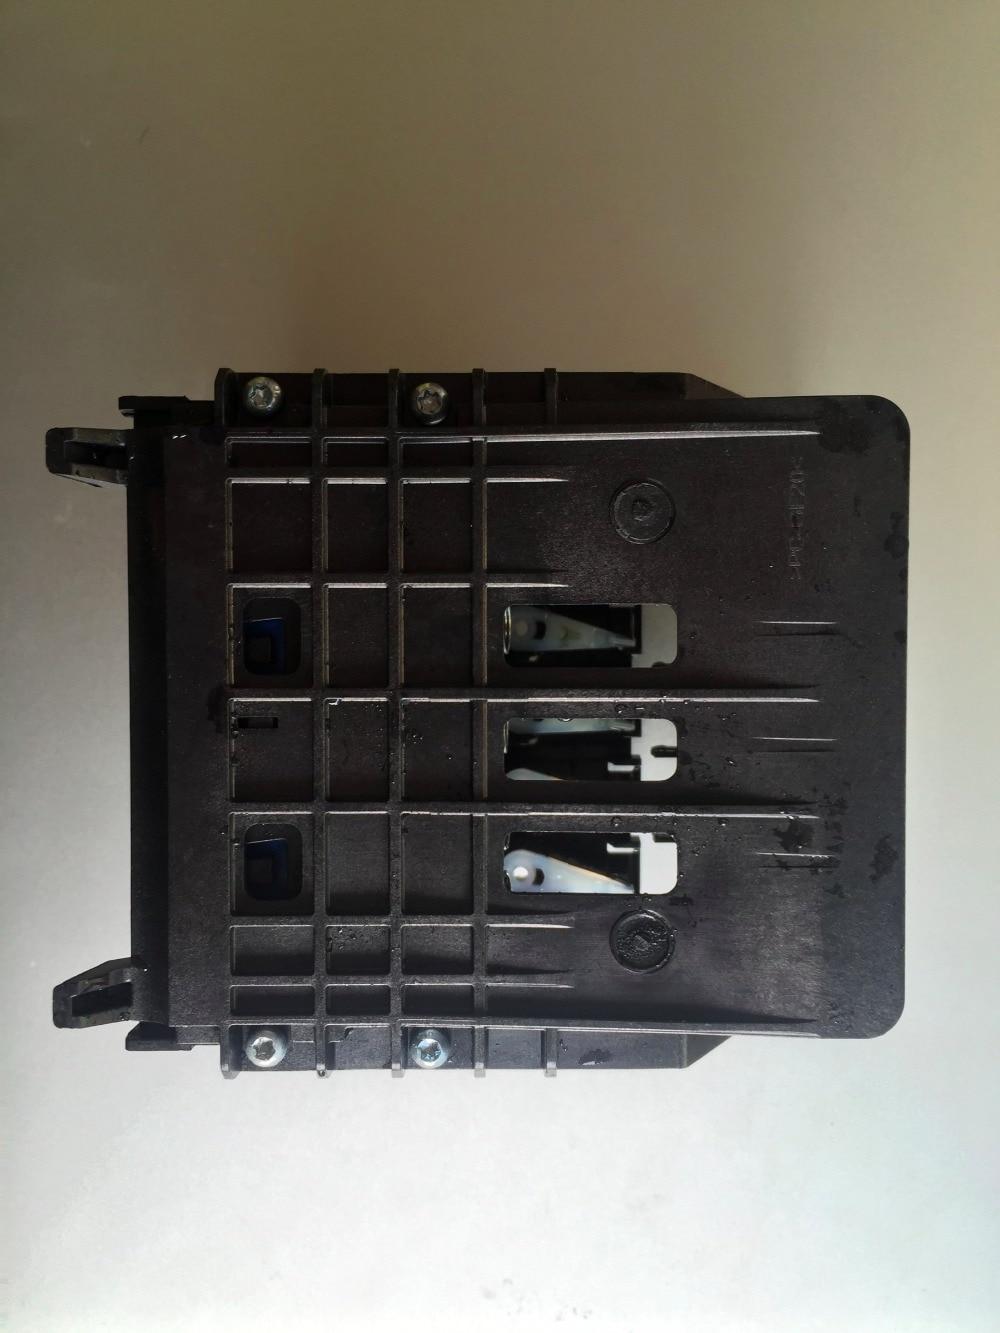 Genuino RISTRUTTURATO testina di stampa per stampanti HP 950 PRO 8100 HP PRO8600 testina di stampaGenuino RISTRUTTURATO testina di stampa per stampanti HP 950 PRO 8100 HP PRO8600 testina di stampa